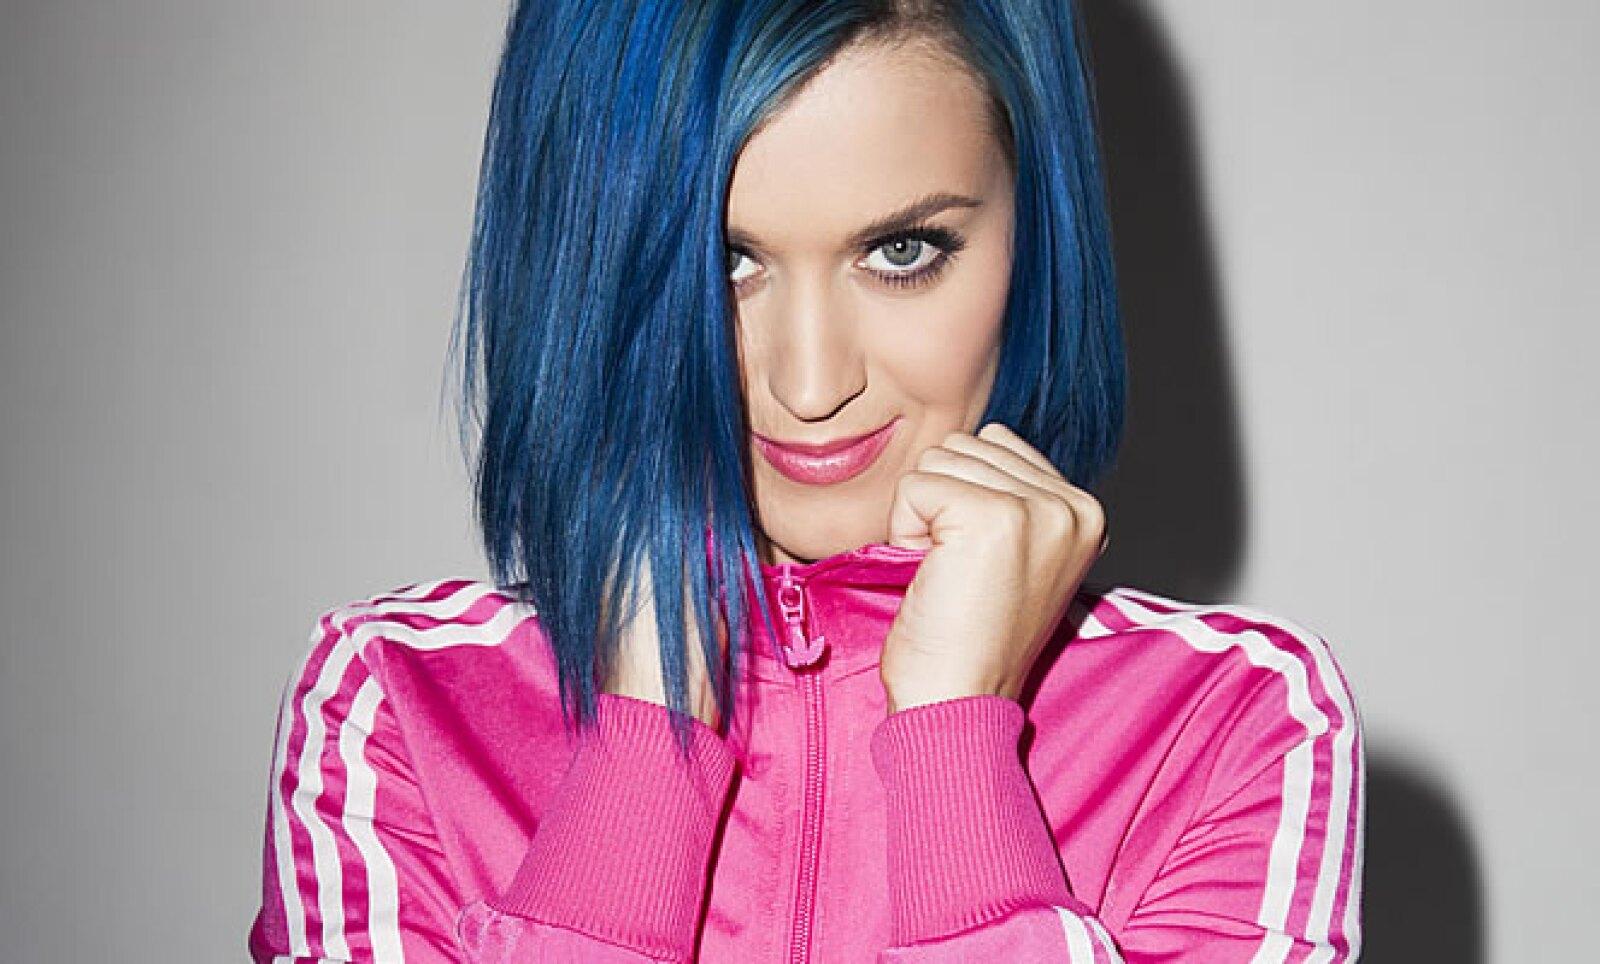 La marca deportiva Adidas lanzó su campaña 'All In', en la que reunió a personalidades como Kate Perry, Lionel Messi, David Beckham, entre otros.